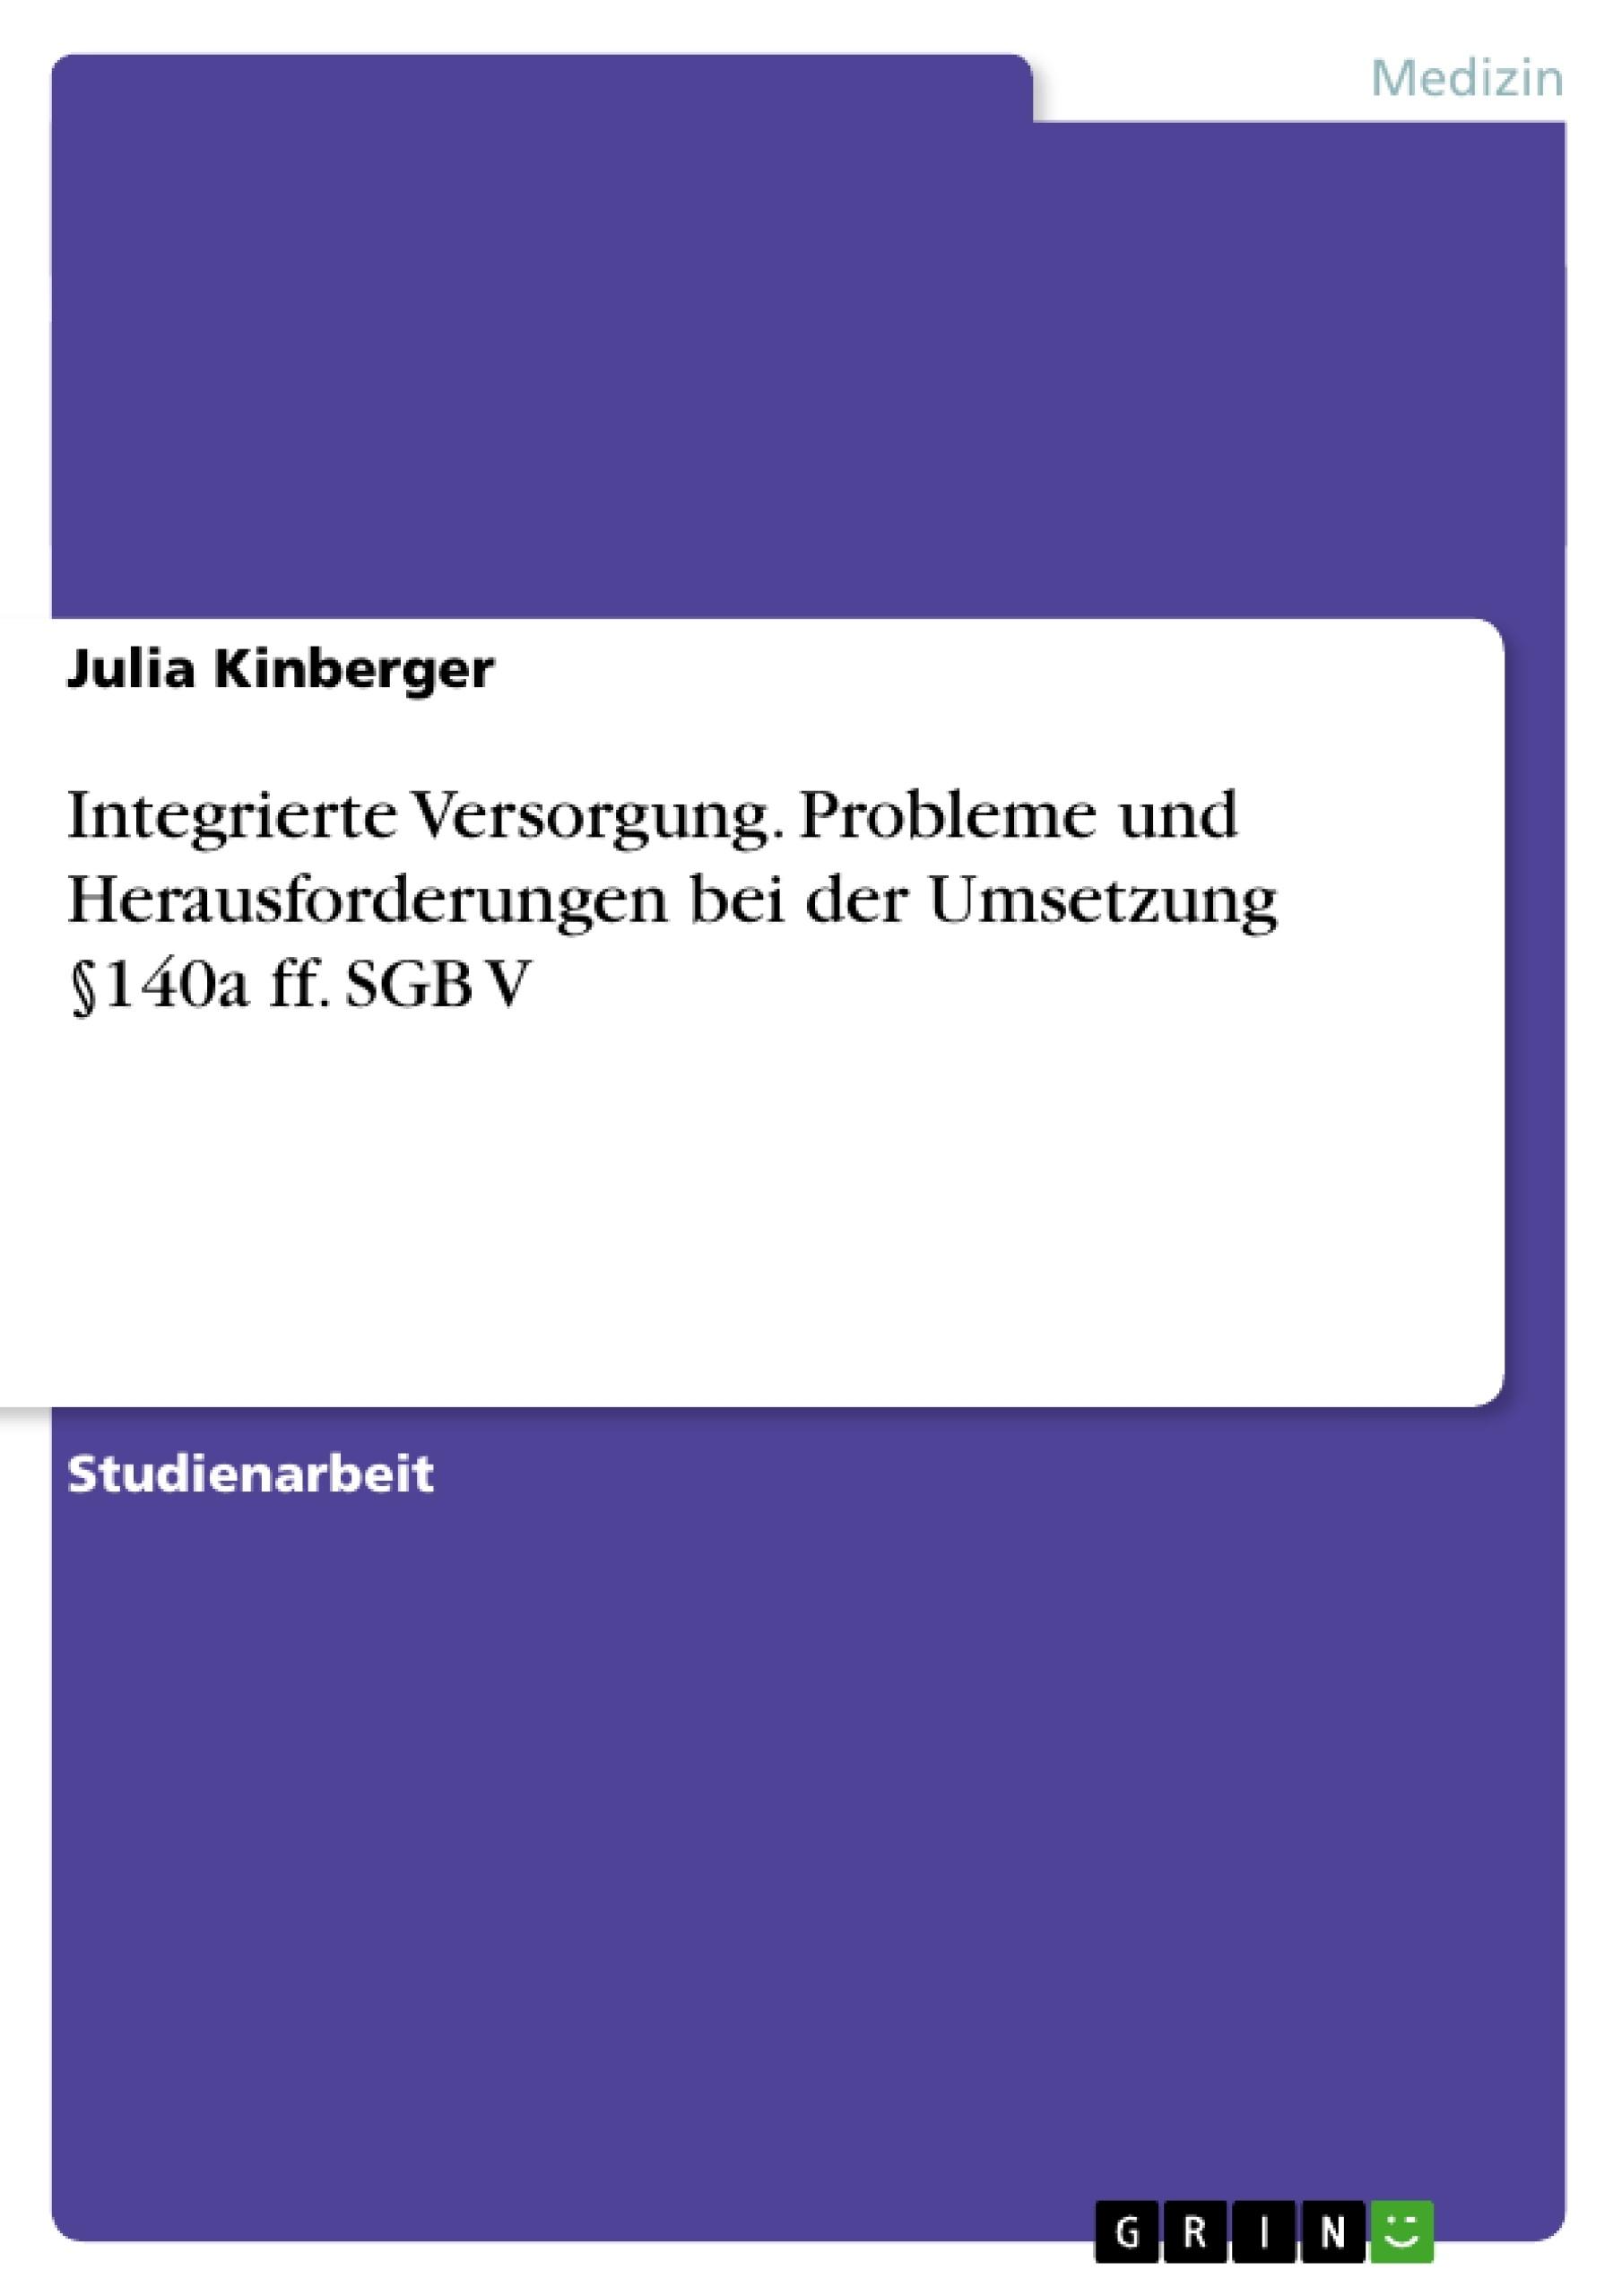 Titel: Integrierte Versorgung. Probleme und Herausforderungen bei der Umsetzung §140a ff. SGB V